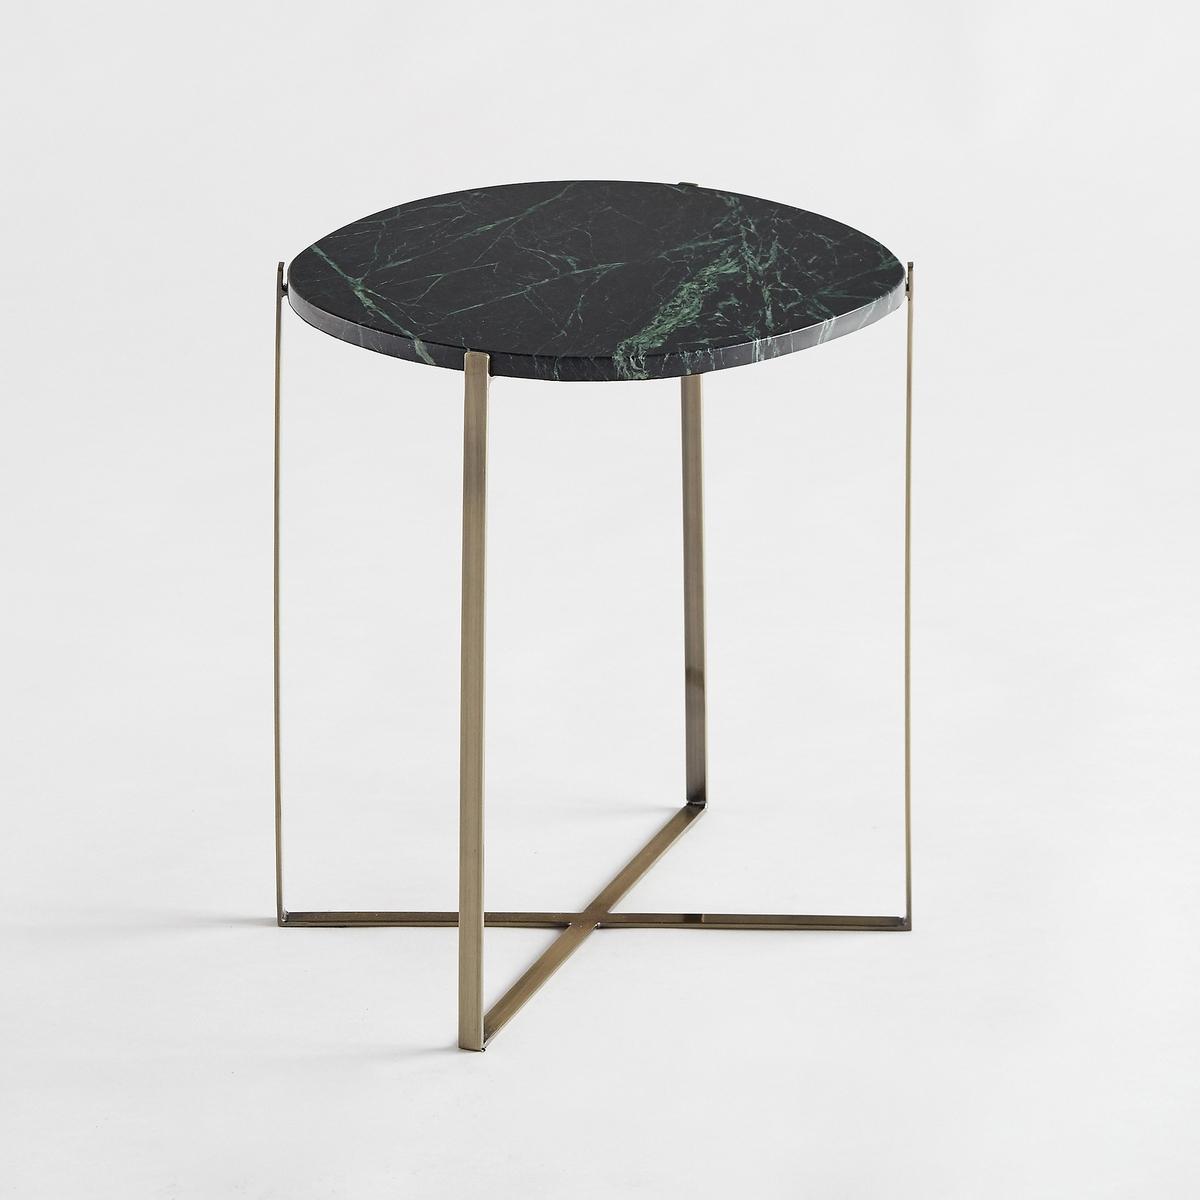 Овальный диванный столик  из зеленого марамора/ металла ArambolХарактеристики : Столешница из зеленого мрамора, толщ. 1,5 см  . Каждое изделие уникально . Прожилки могут  быть более или менее заметны.- Каркас из металла с отделкой из латуни с эффектом старения- Органическая форма- Столик готов к сборке в соответствии с прилагающейся инструкциейРазмеры : - 34,8 x 44 x 35,4 см Размеры и вес упаковки : - 2,5 x 43,2 x 10 см, 4,85 кг и 37,5 x 48 x 28,5 см, 2,19 кг Доставка :Доставка по предварительной договоренности, возможен подъём на этаж !Внимание ! Убедитесь в том, что товар возможно доставить на дом, учитывая его габариты (проходит в двери, по лестницам, в лифты).<br><br>Цвет: зеленый